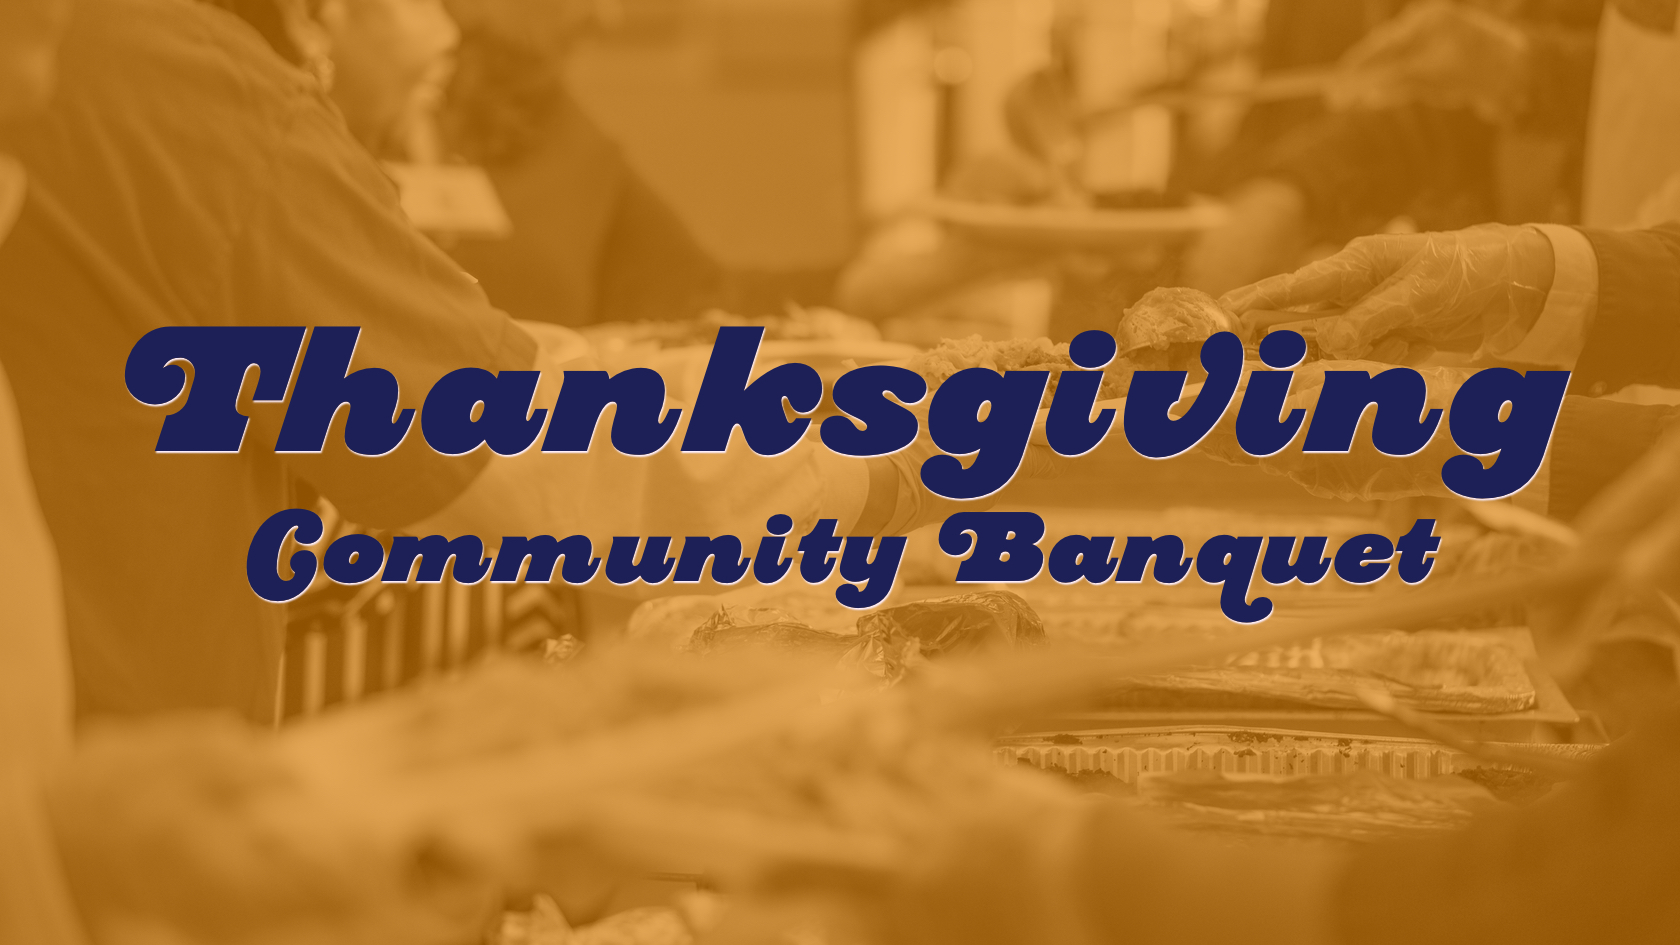 2017.11.23 Thanksgiving Community Banquet Header.jpg